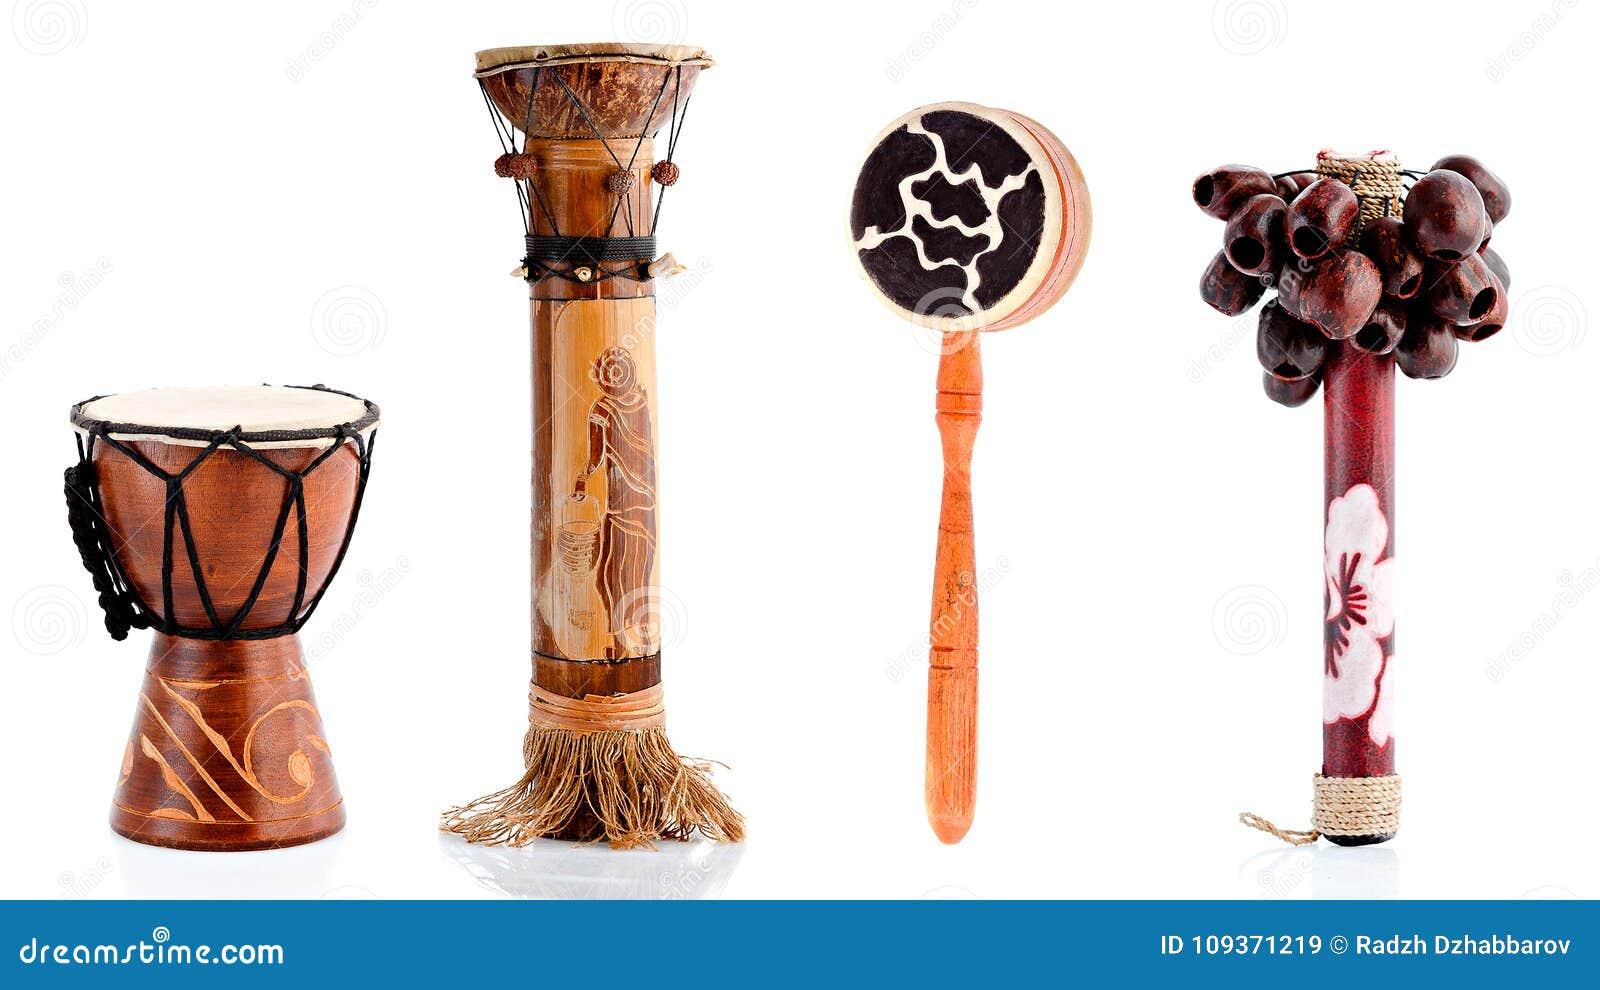 Figurine di legno, figurine decorative, strumenti musicali